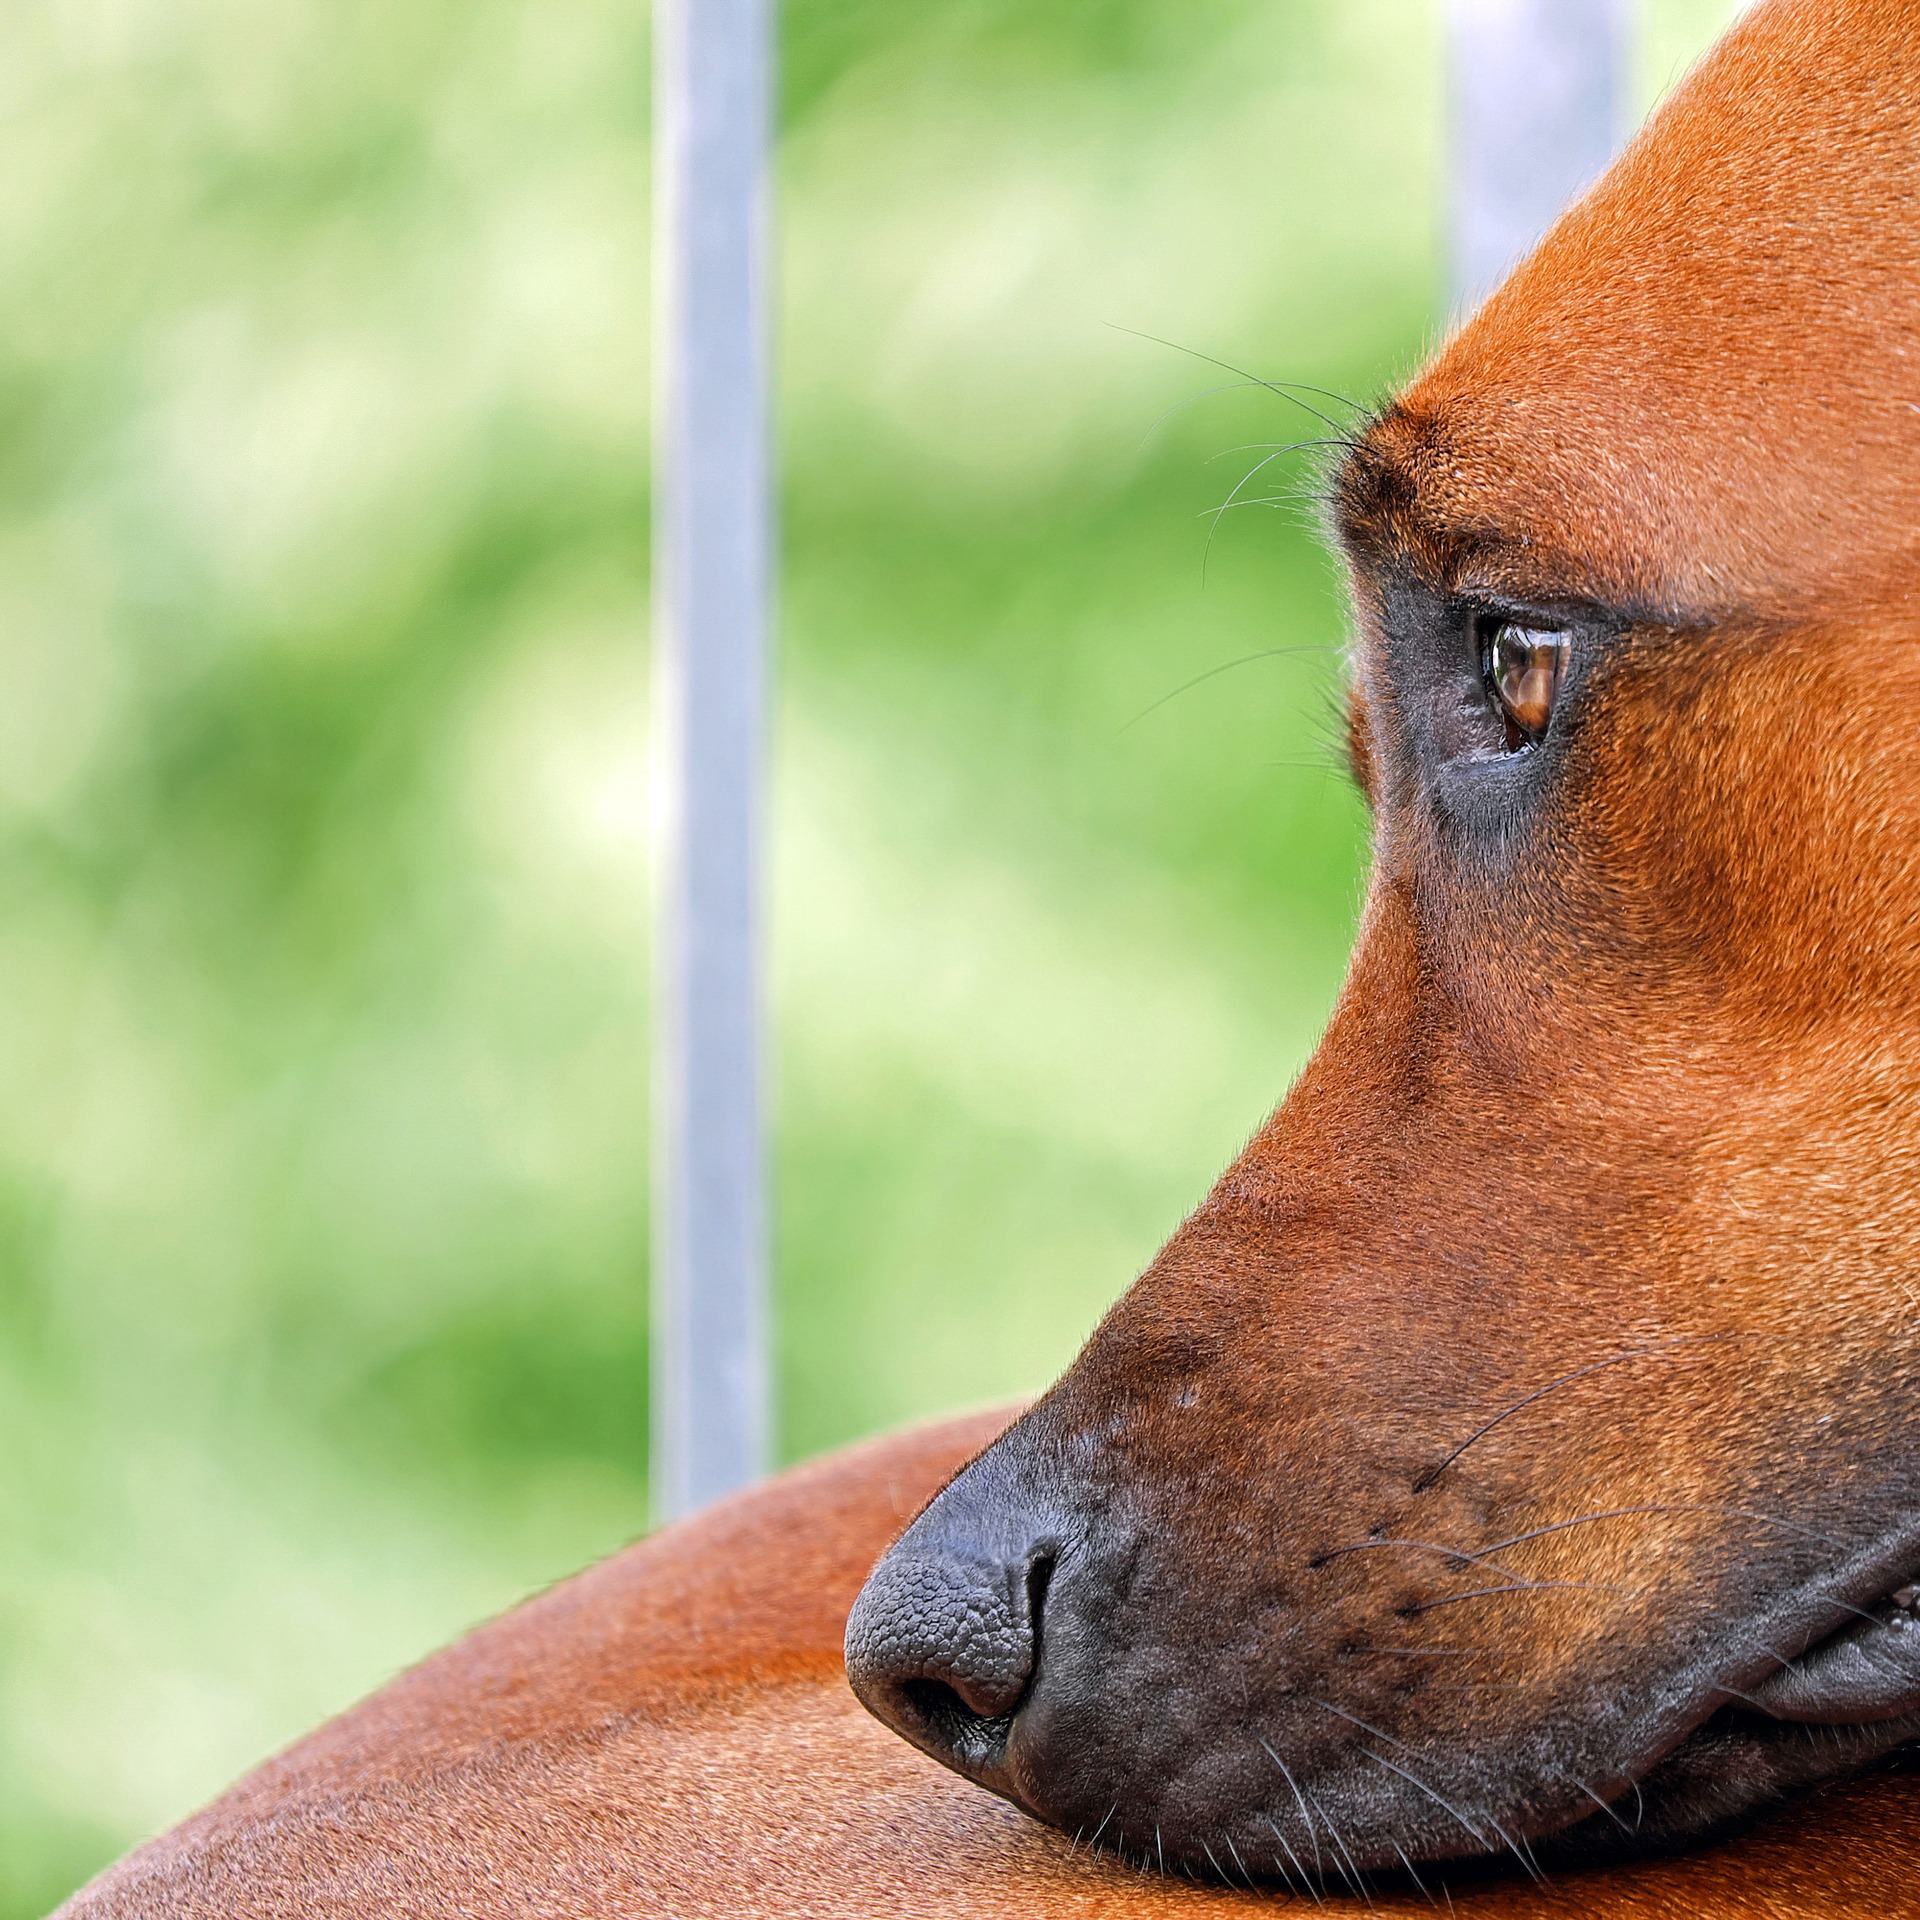 TASSO hilft, wenn Ihr Tier verloren geht